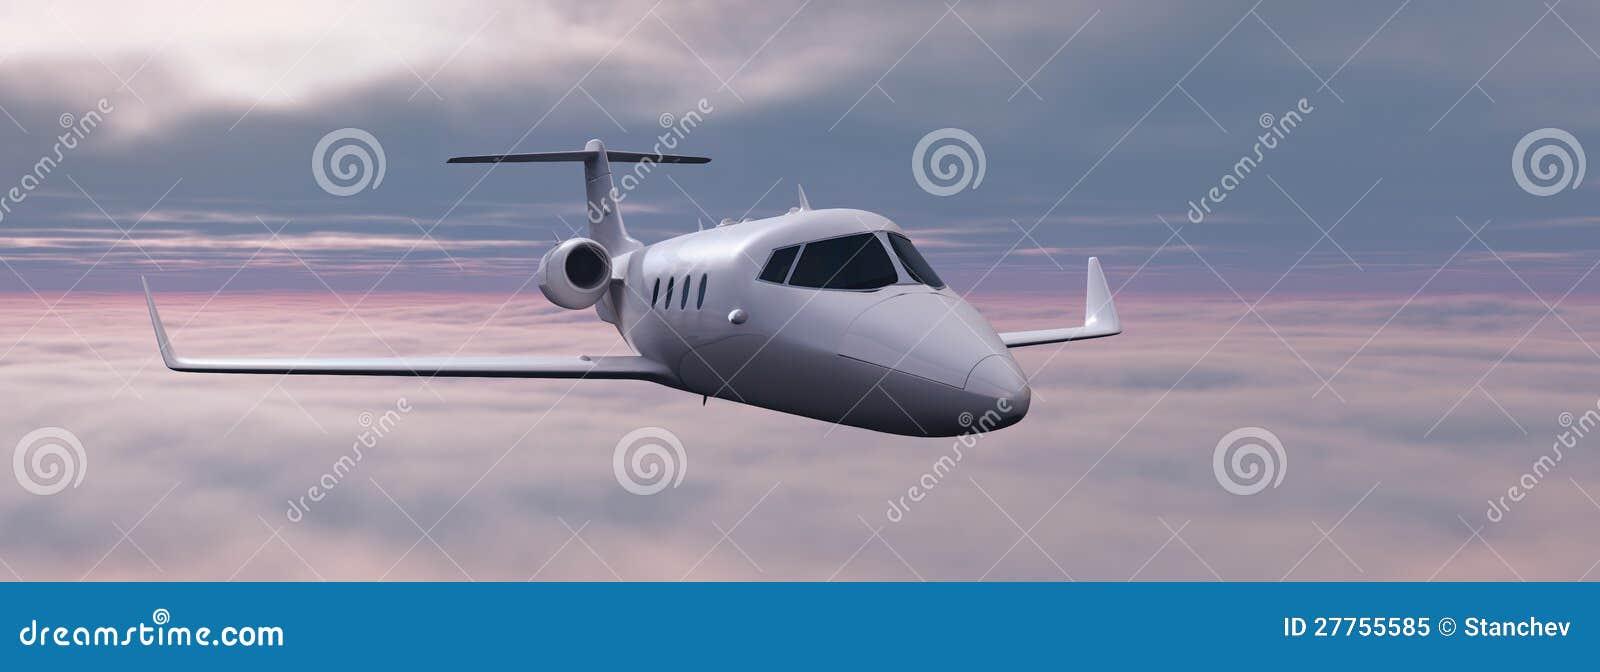 Avion au-dessus des nuages